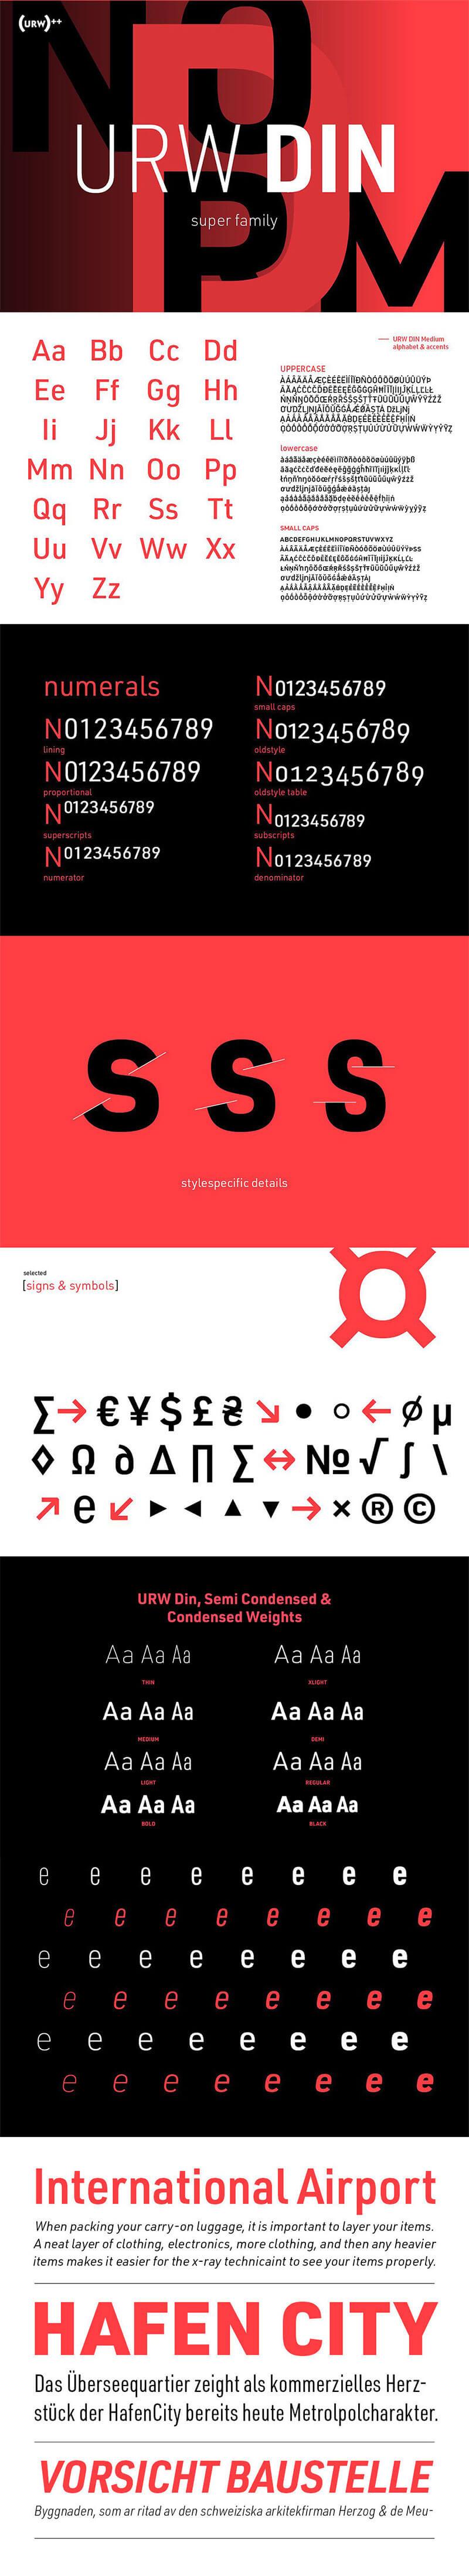 세계적으로 유명한 폰트 글꼴 모음 99%세일 $29로 세일